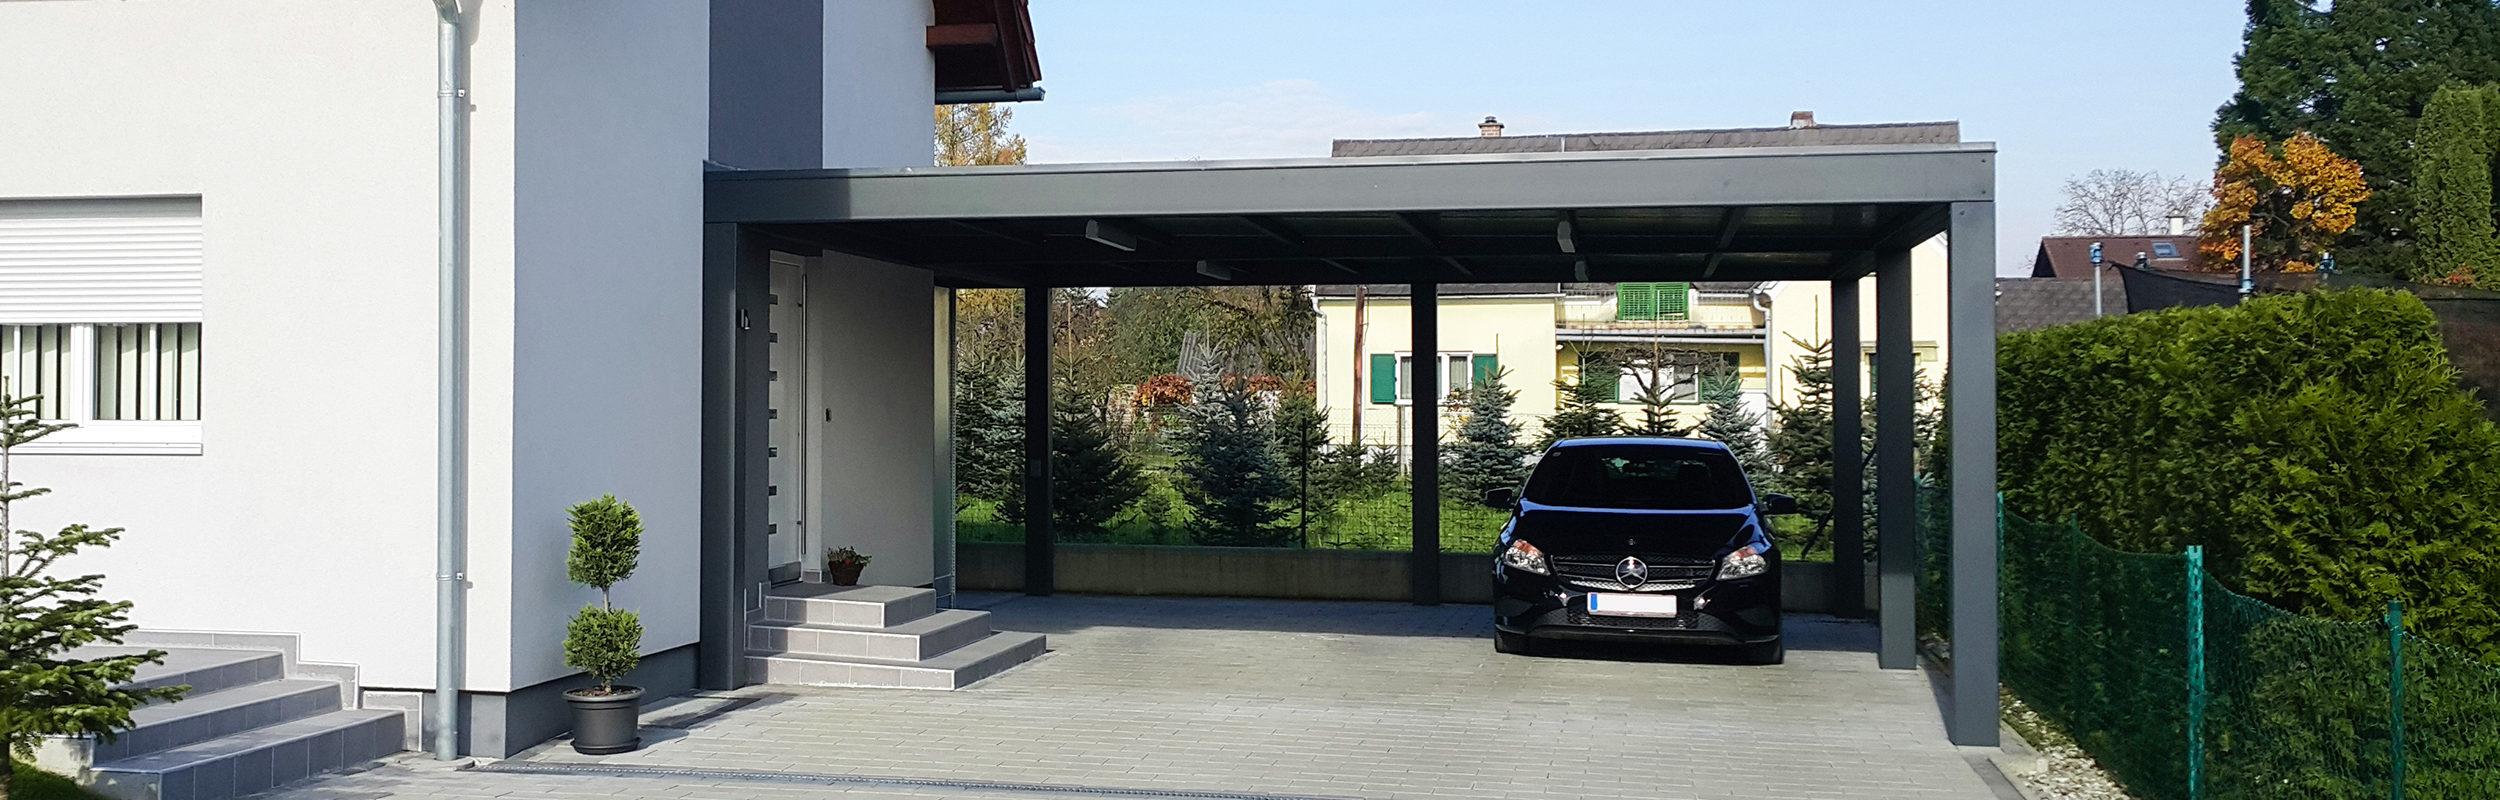 Najboljši nadstreški za avtomobile in terase - M-Kaiser